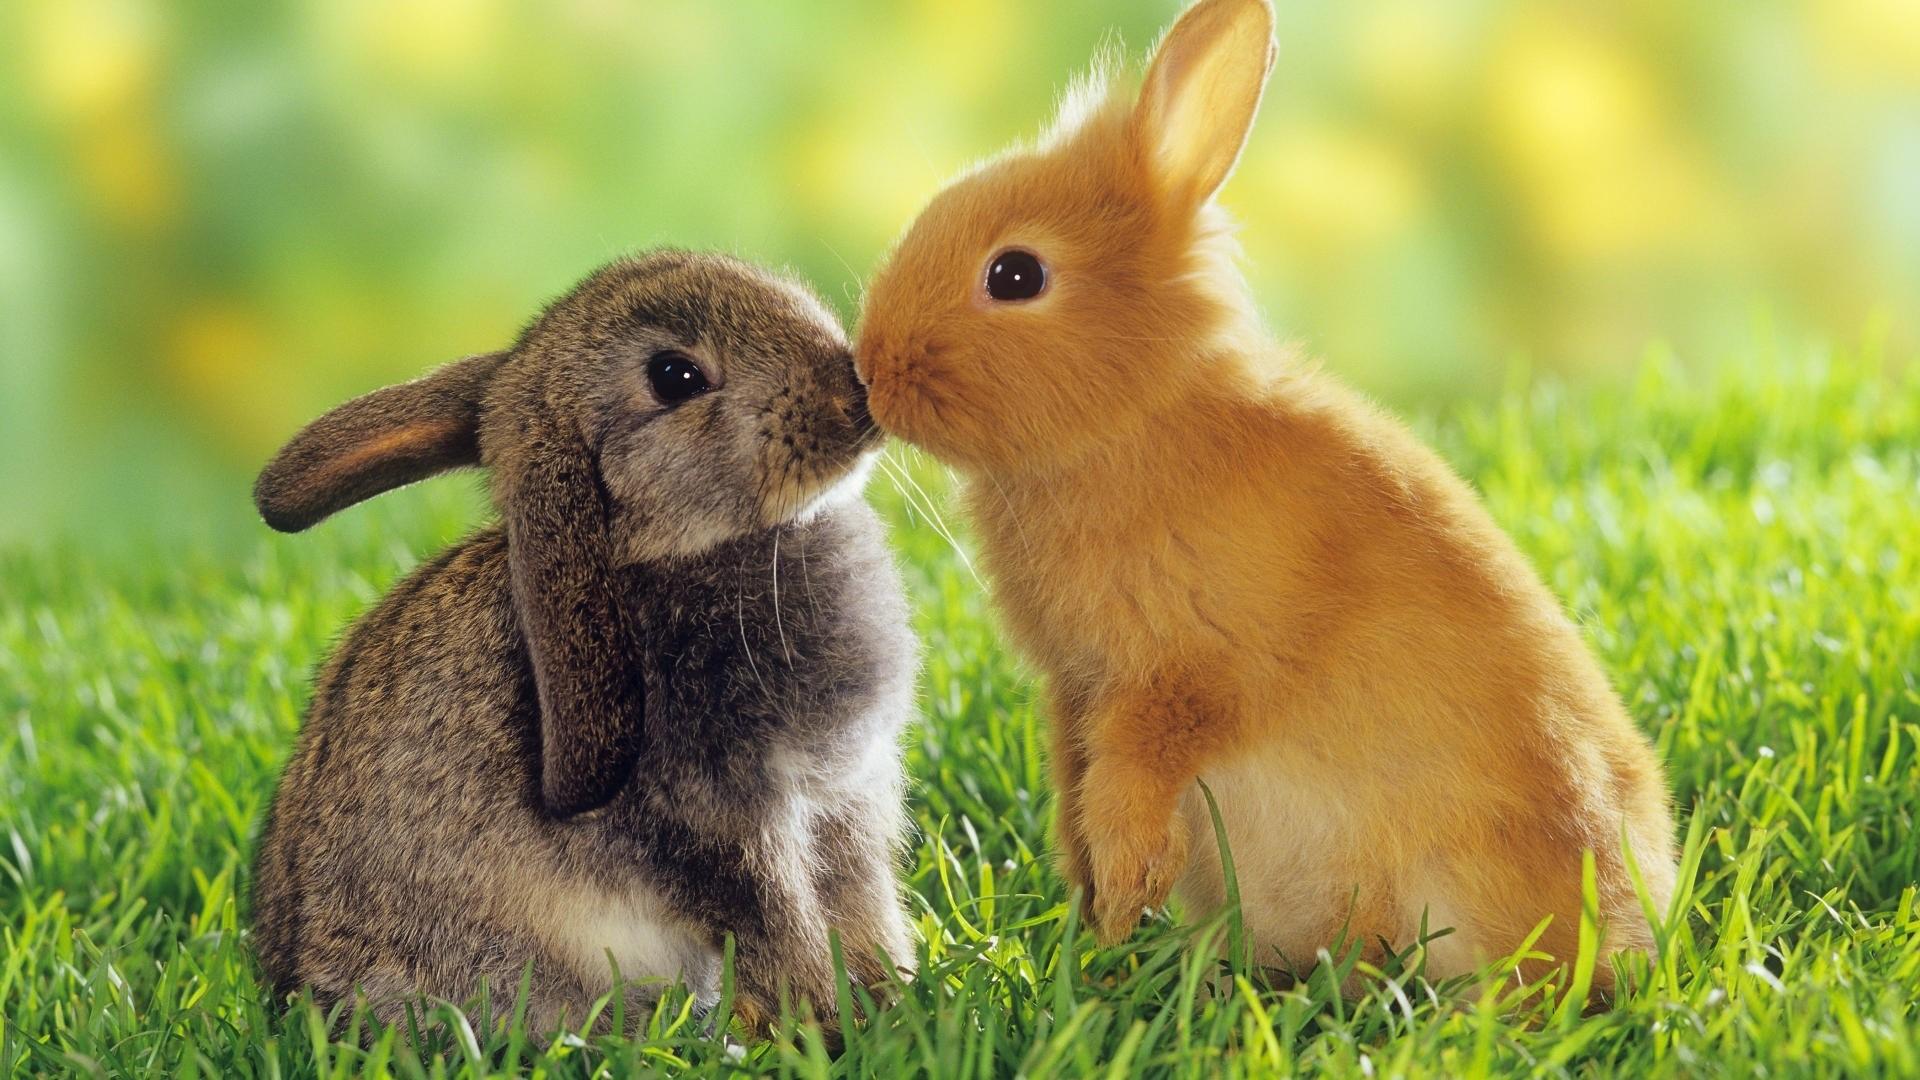 Animales Fondos De Escritorio Hd: Fondos De Pantalla De Animales Tiernos